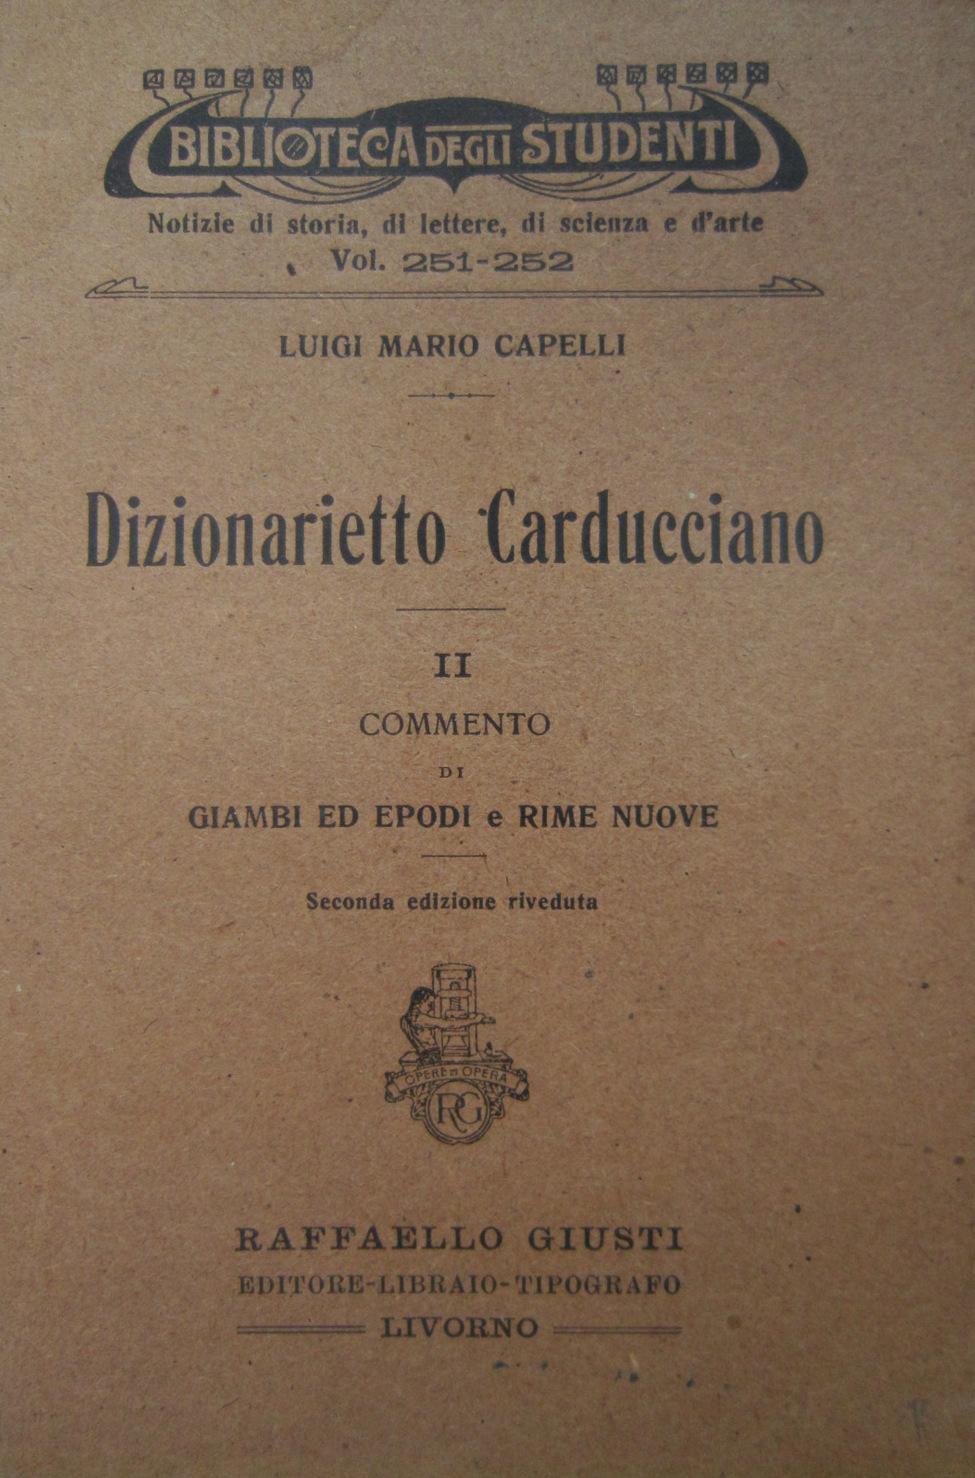 Dizionarietto Carducciano II